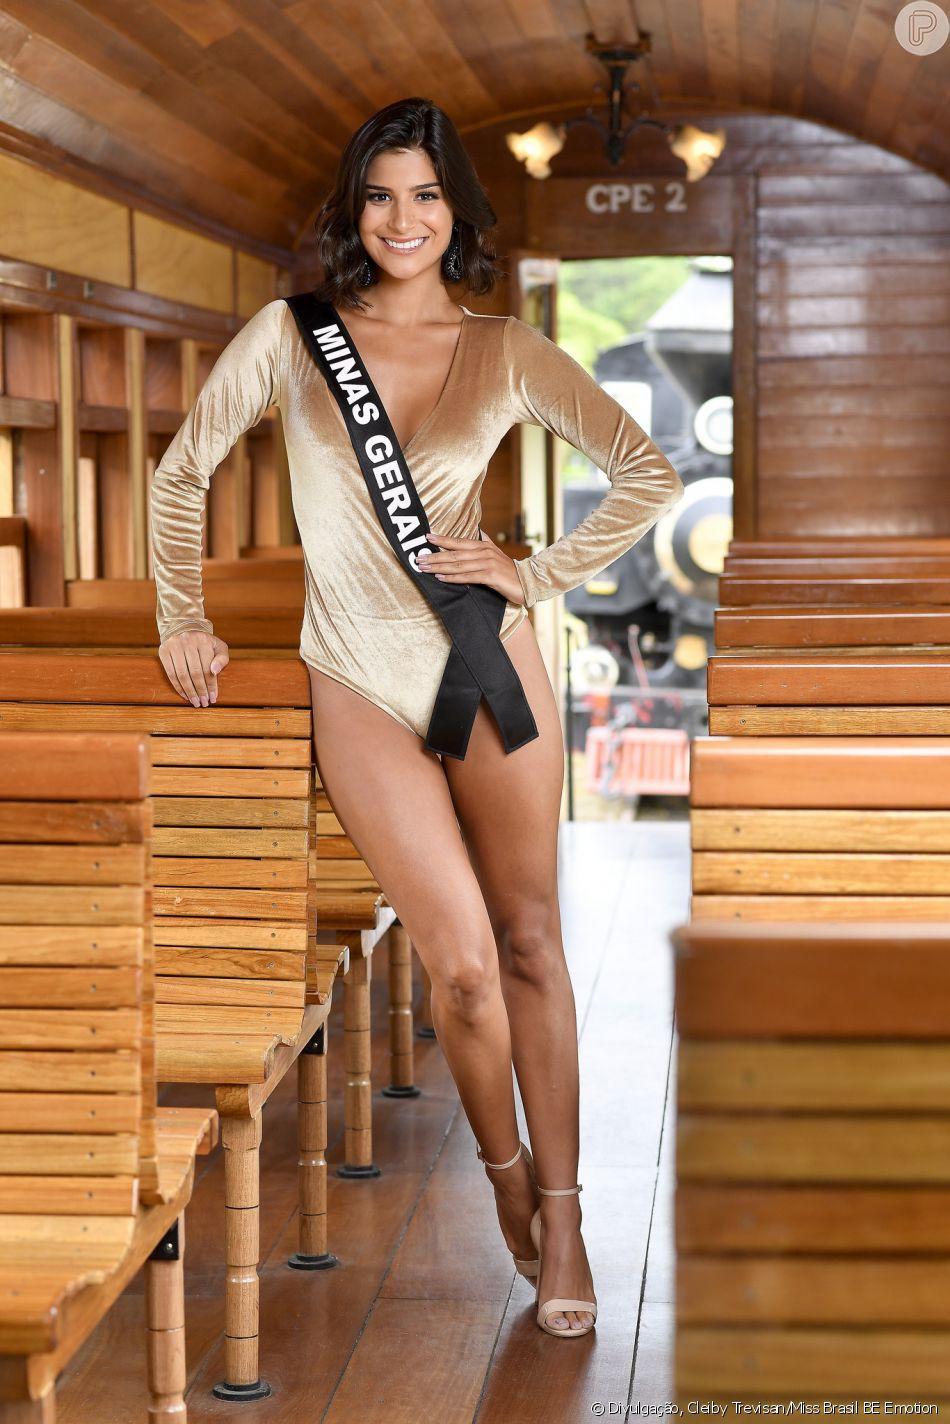 Đối thủ Hoàng Thùy tại Miss Universe 2019: Từ cơ bụng 6 múi đến thành tích cực khủng đủ sức nuốt chửng bất cứ người đẹp nào! - Ảnh 15.